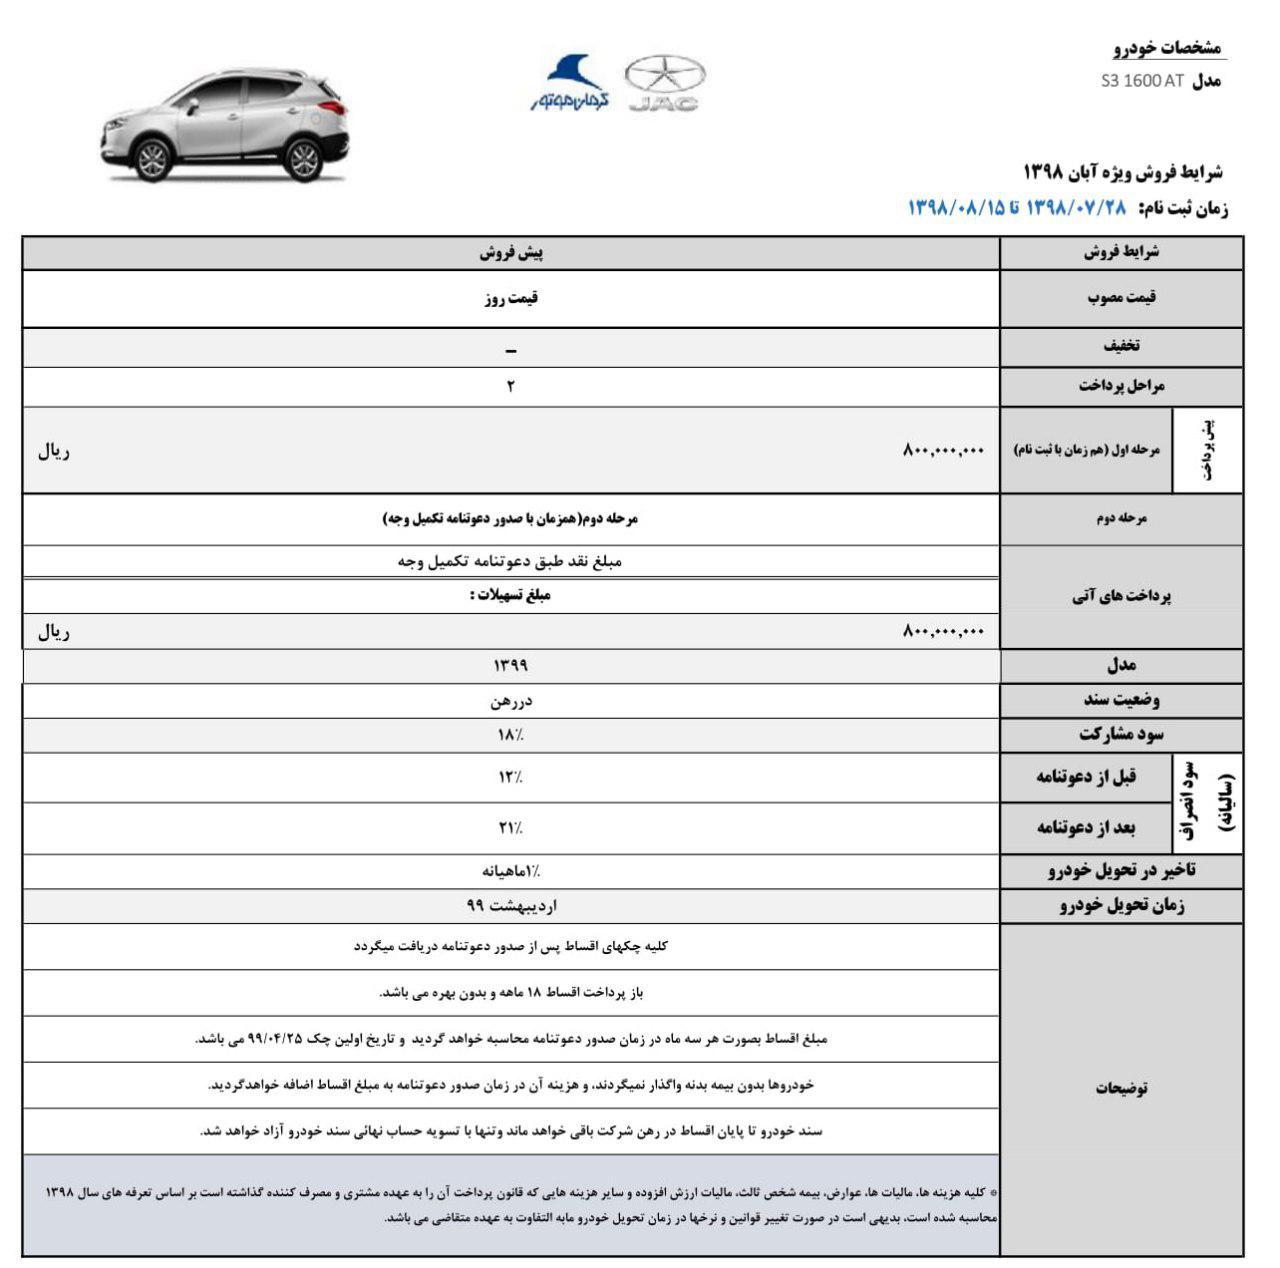 فروش اقساطی خودرو جک s3/ جدول 3